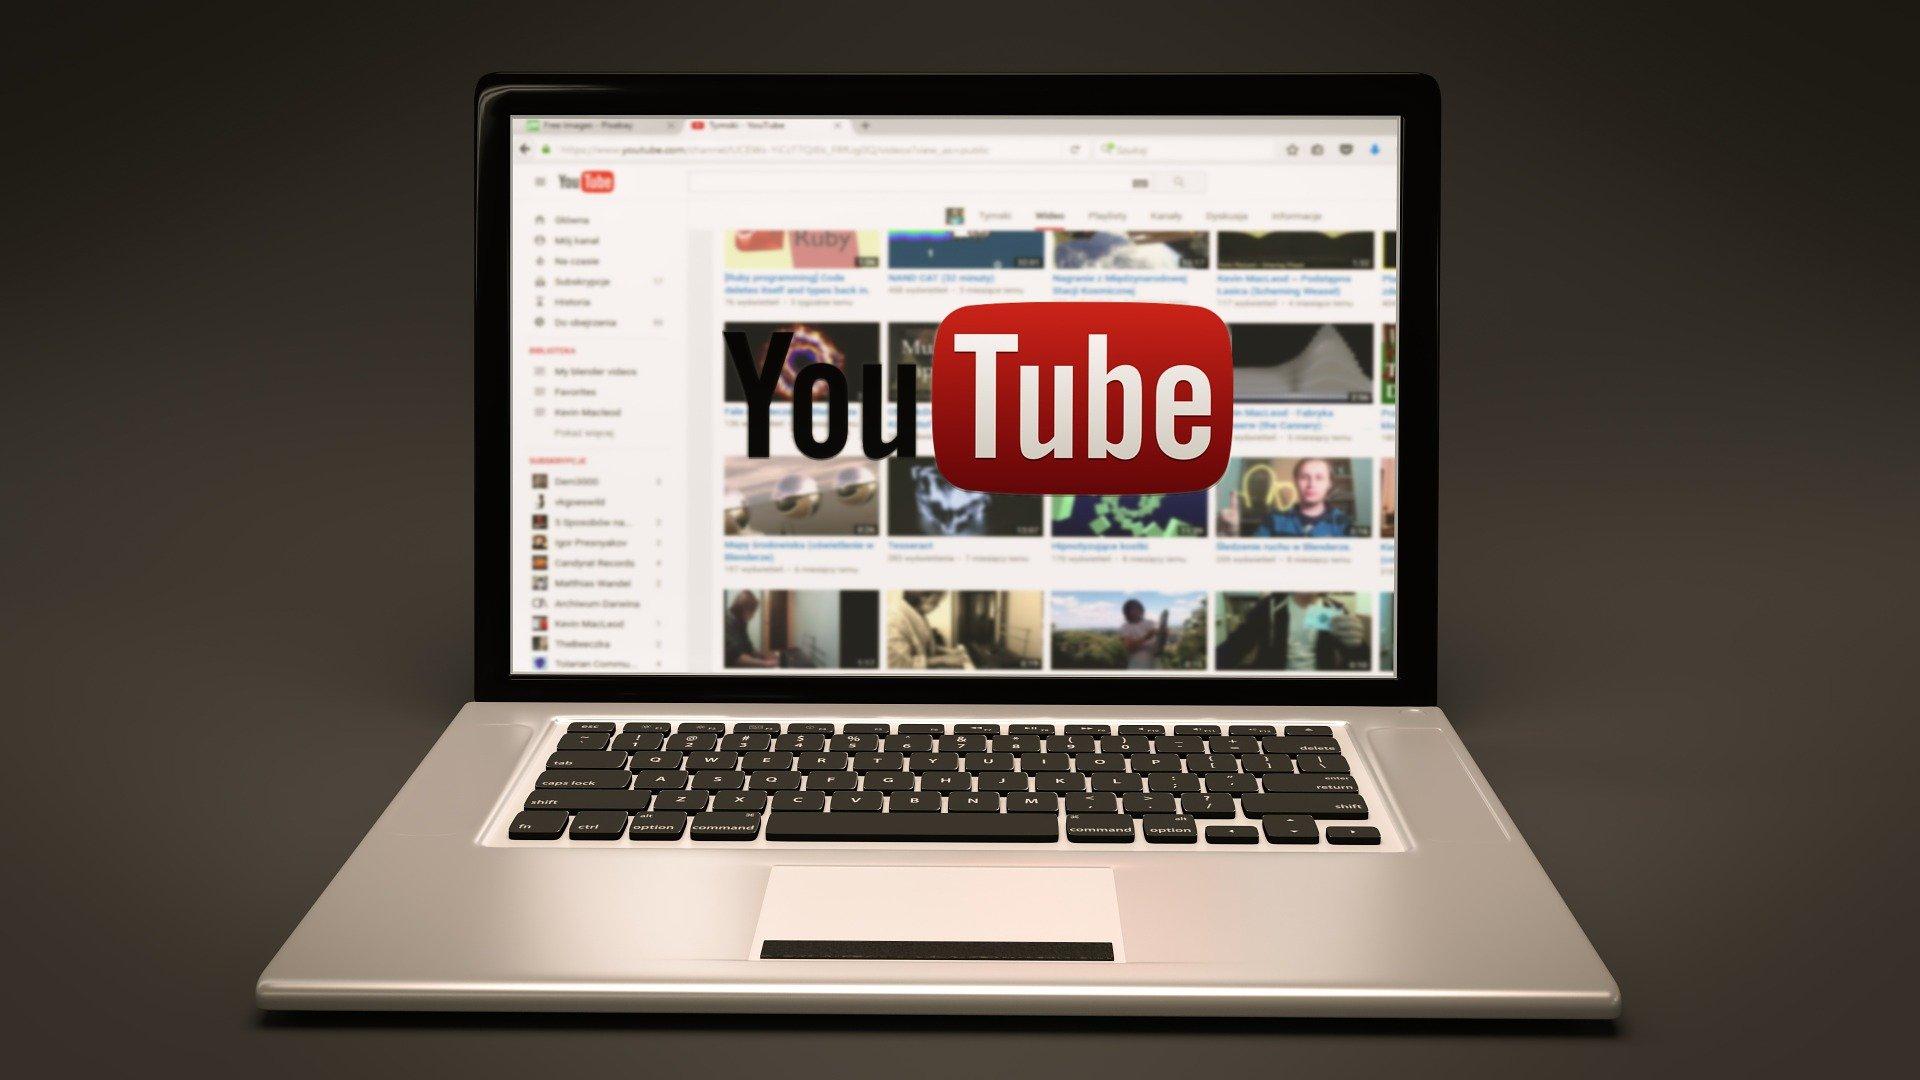 WordPressテーマのテンプレート内でYouTubeの埋め込み動画を設置する方法